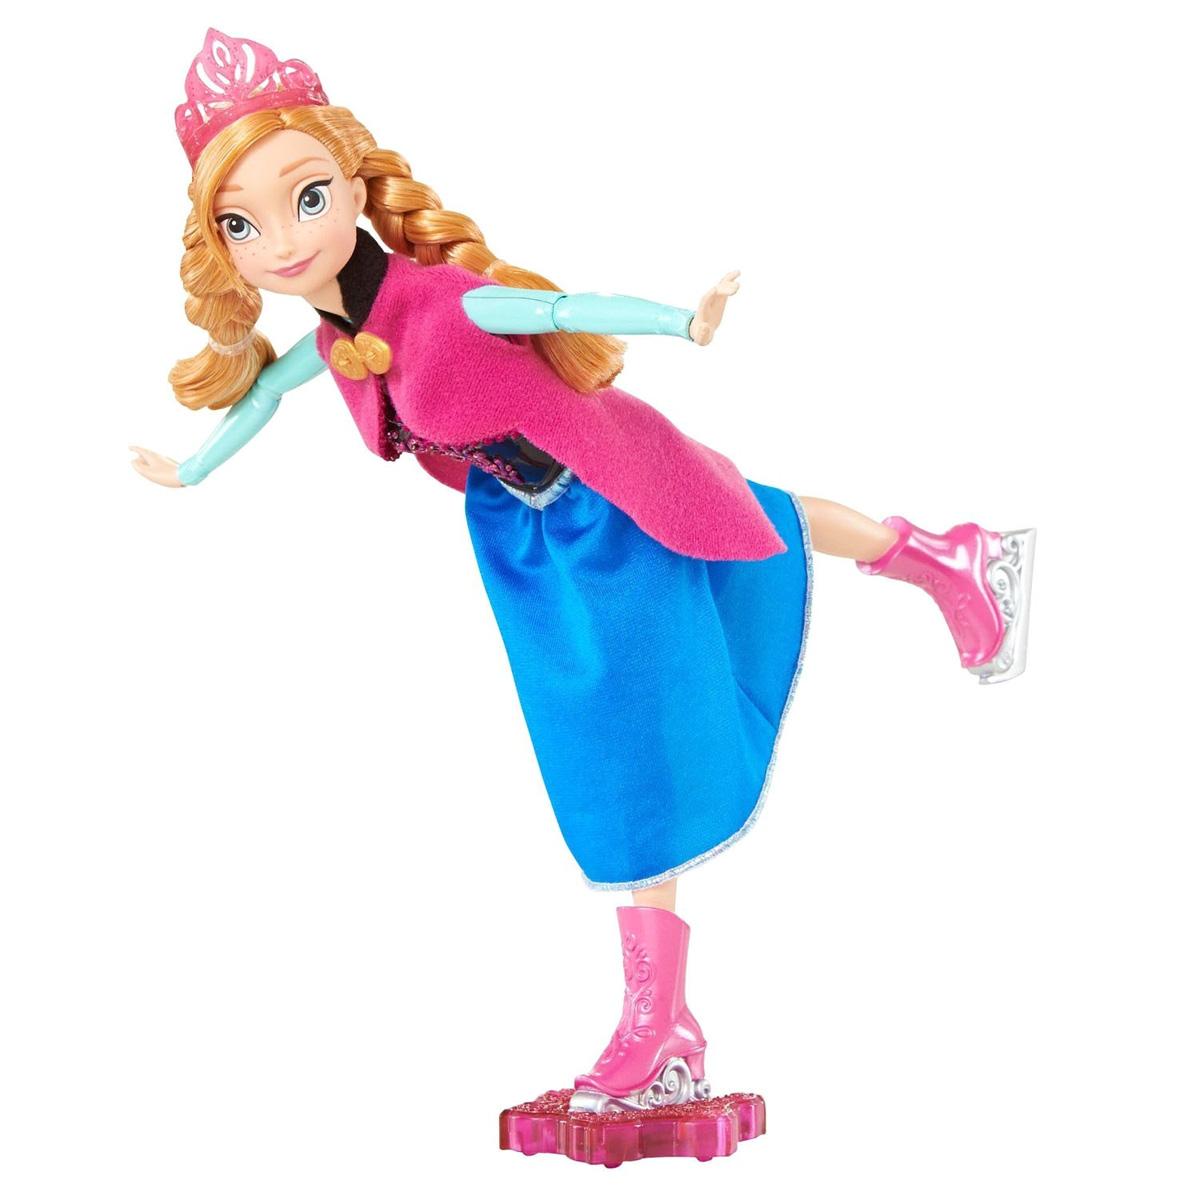 Disney Princess Кукла Холодное сердце Фигуристка АннаCBC61/CBC62Кукла Disney Frozen Холодное сердце. Фигуристка Анна поможет вашей малышке окунуться в сказочный мир. Куколка выполнена в виде главной героини диснеевского мультфильма Холодное сердце. Куколка одета в платье с цветочным узором и теплую розовую накидку, которая не дает ей замерзнуть, а на рыжих волосах куколки, заплетенных в две косы, красуется розовая корона. На ногах - коньки. Ручки, ножки и голова куколки подвижны. В комплект входит специальная подставка, с помощью которой куколку можно катать, представляя, как грациозно она катается на коньках. Ваша малышка с удовольствием будет играть с этой куколкой, проигрывая сюжеты из мультсериала или придумывая различные истории.